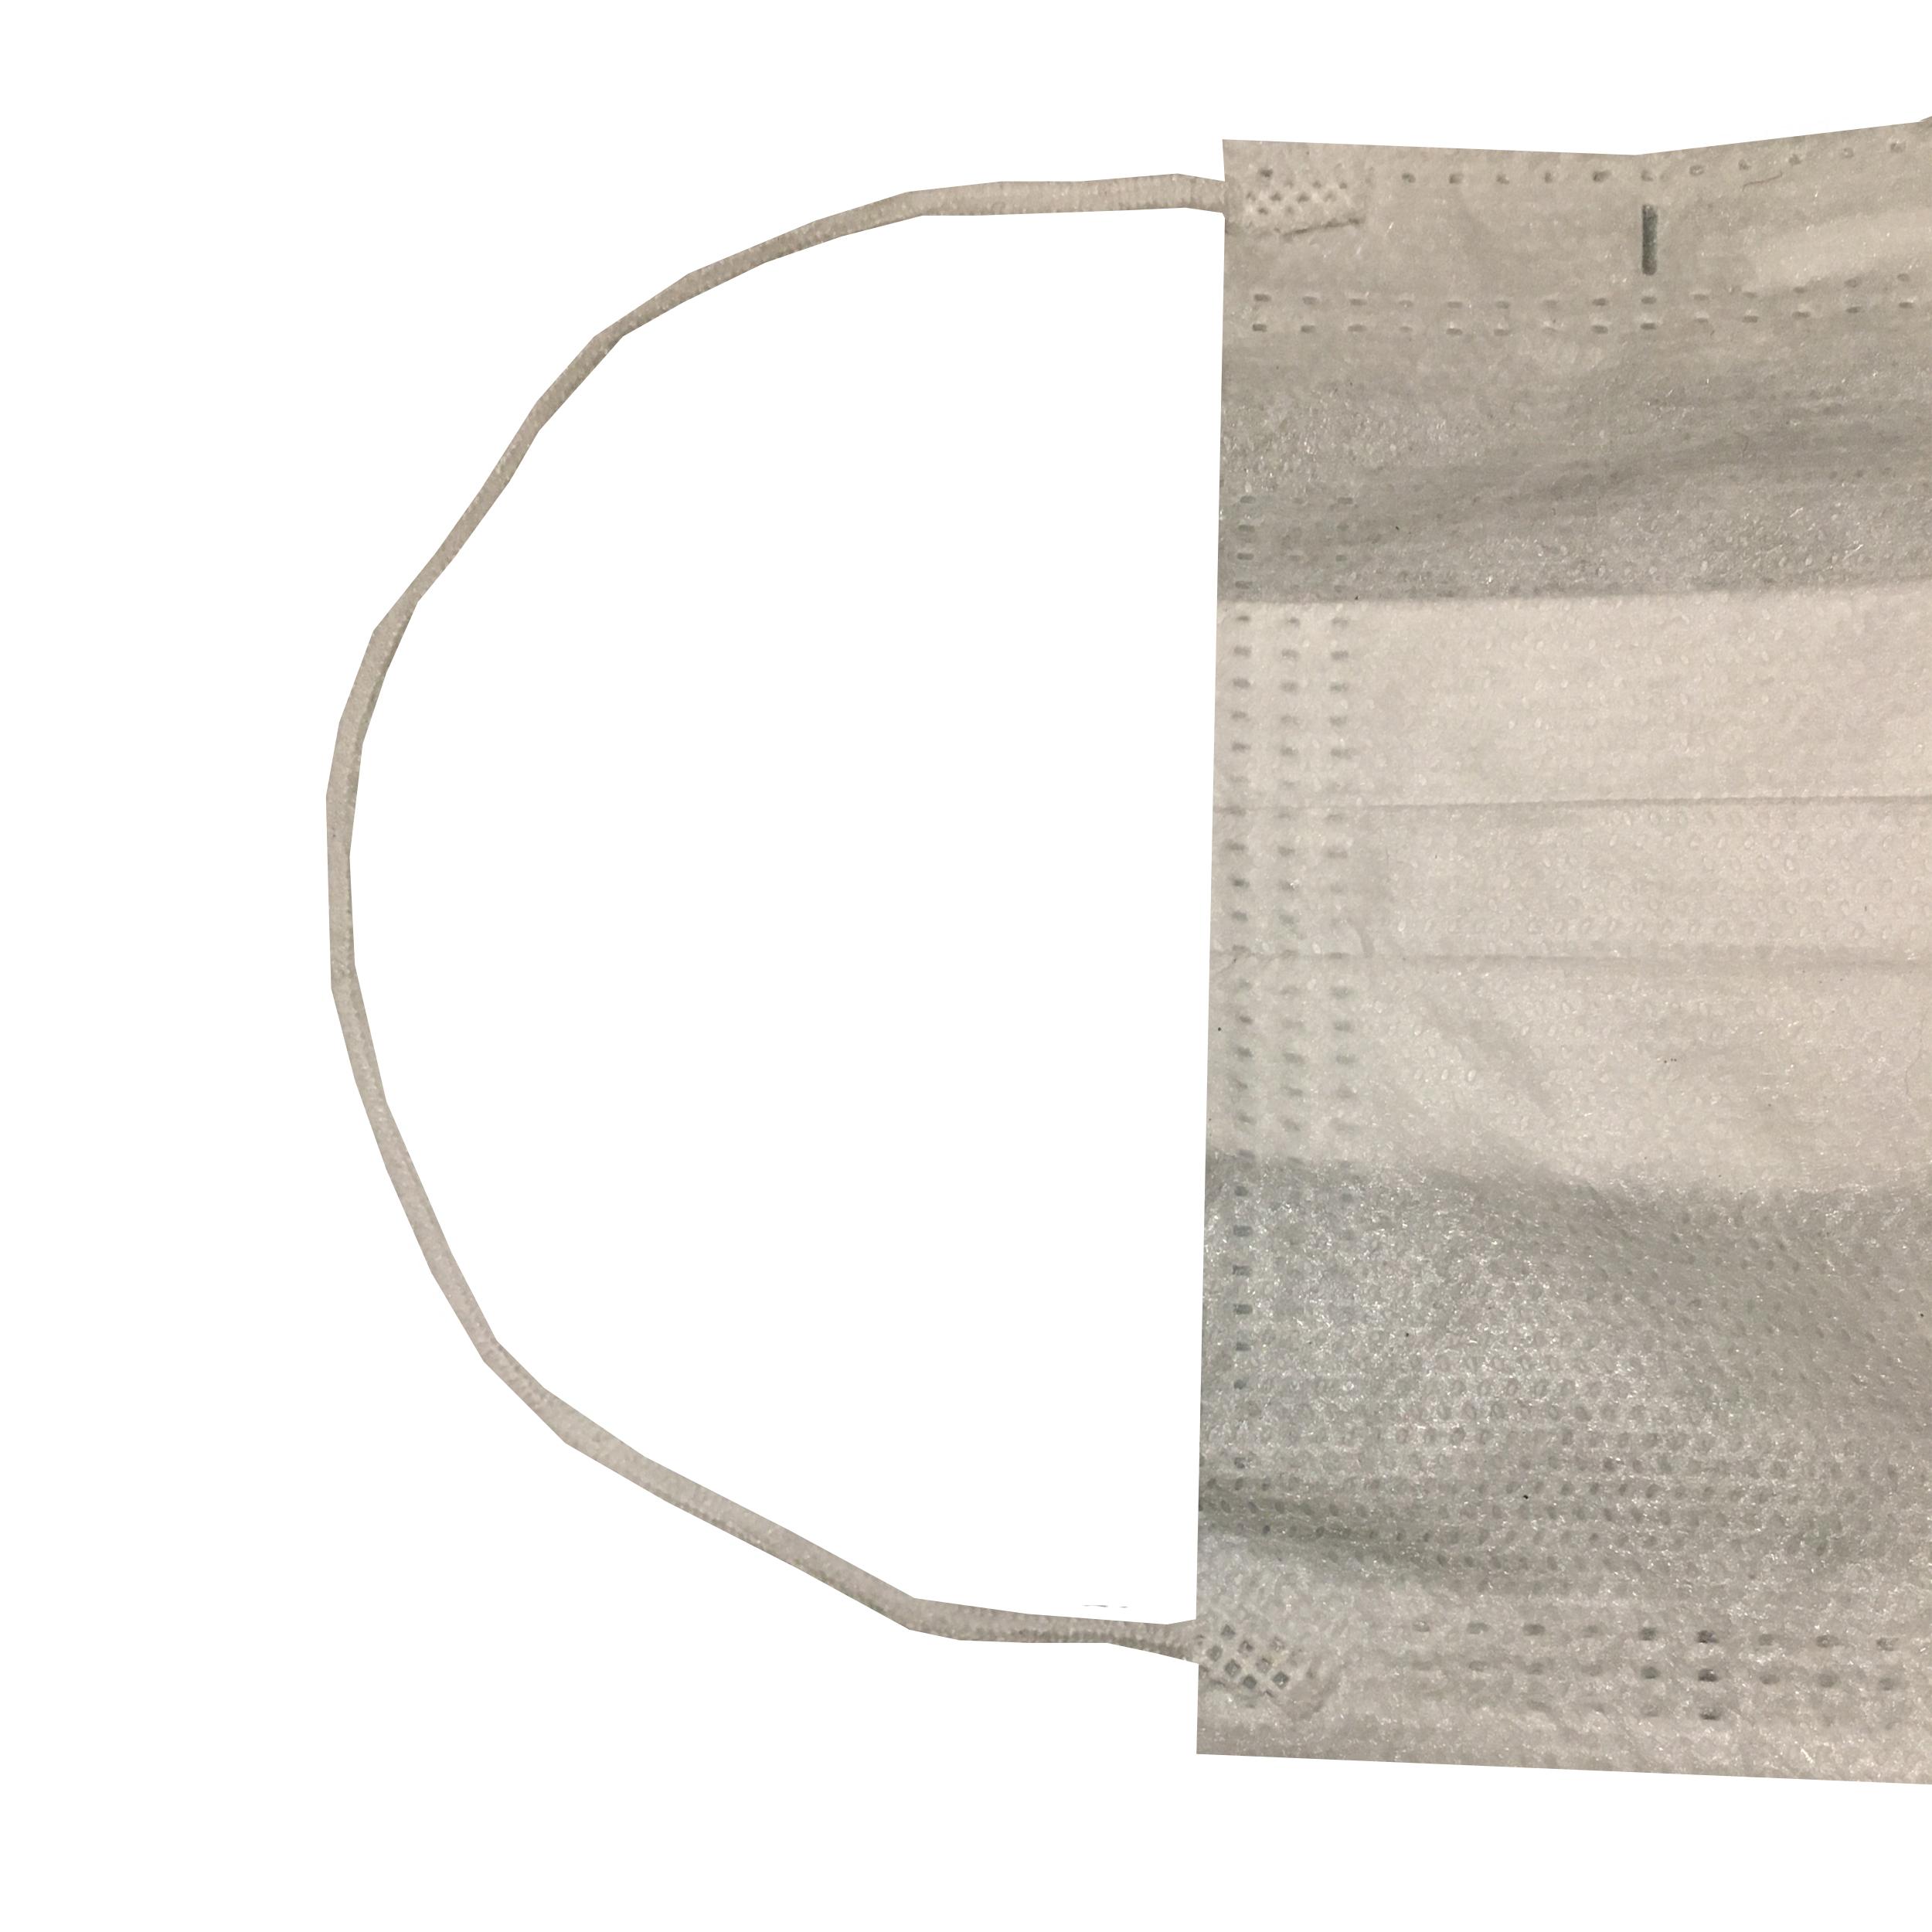 ماسک تنفسی مدل MM5 بسته 5 عددی